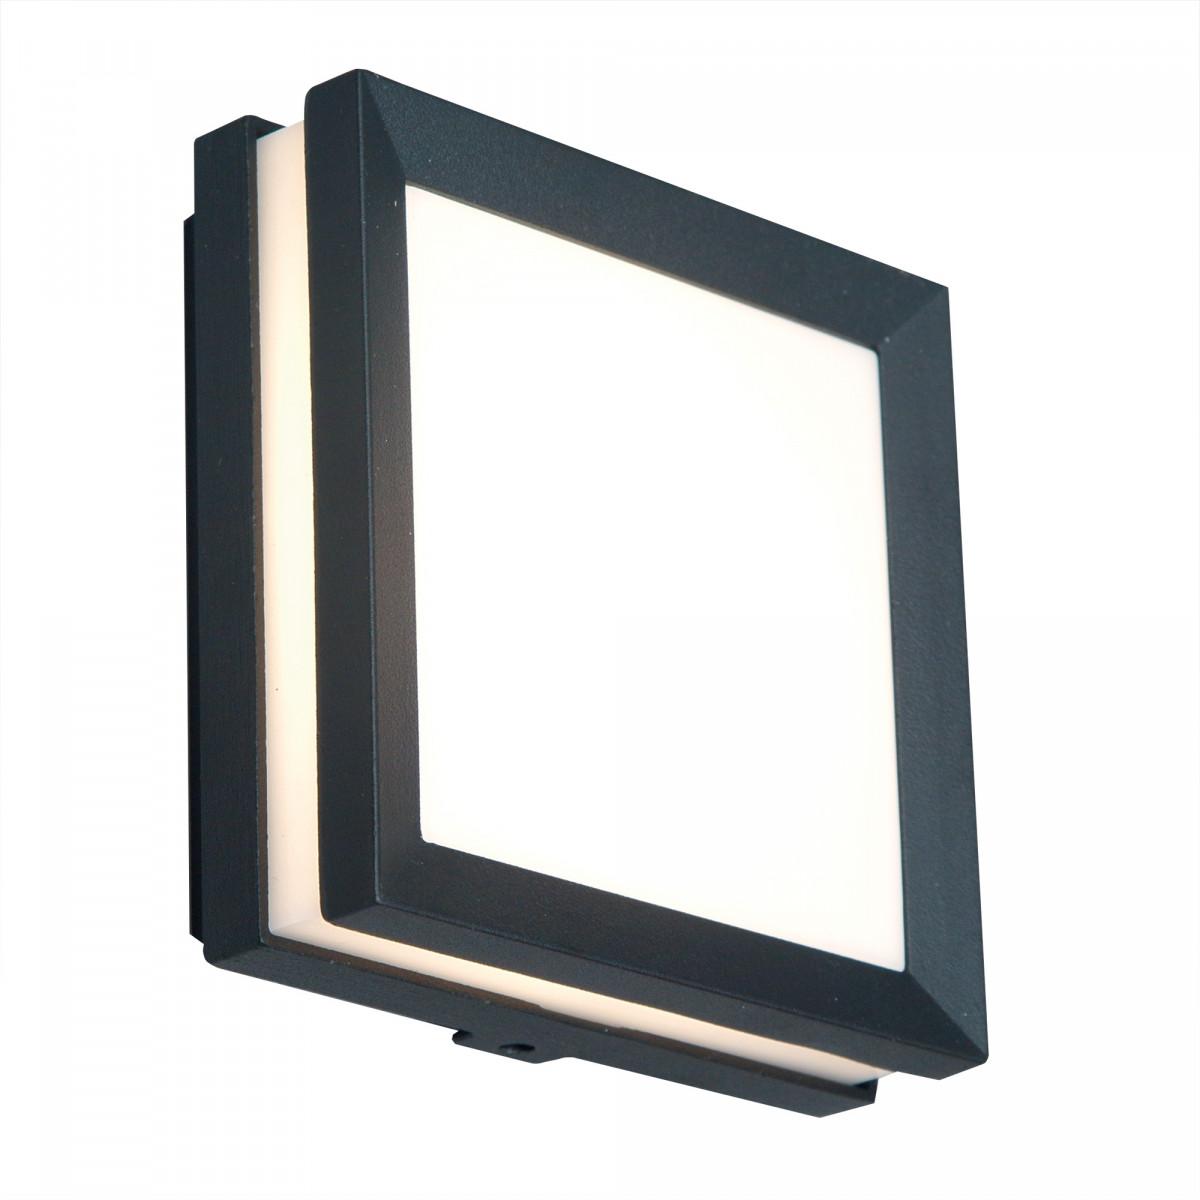 Buitenlamp Vision 3